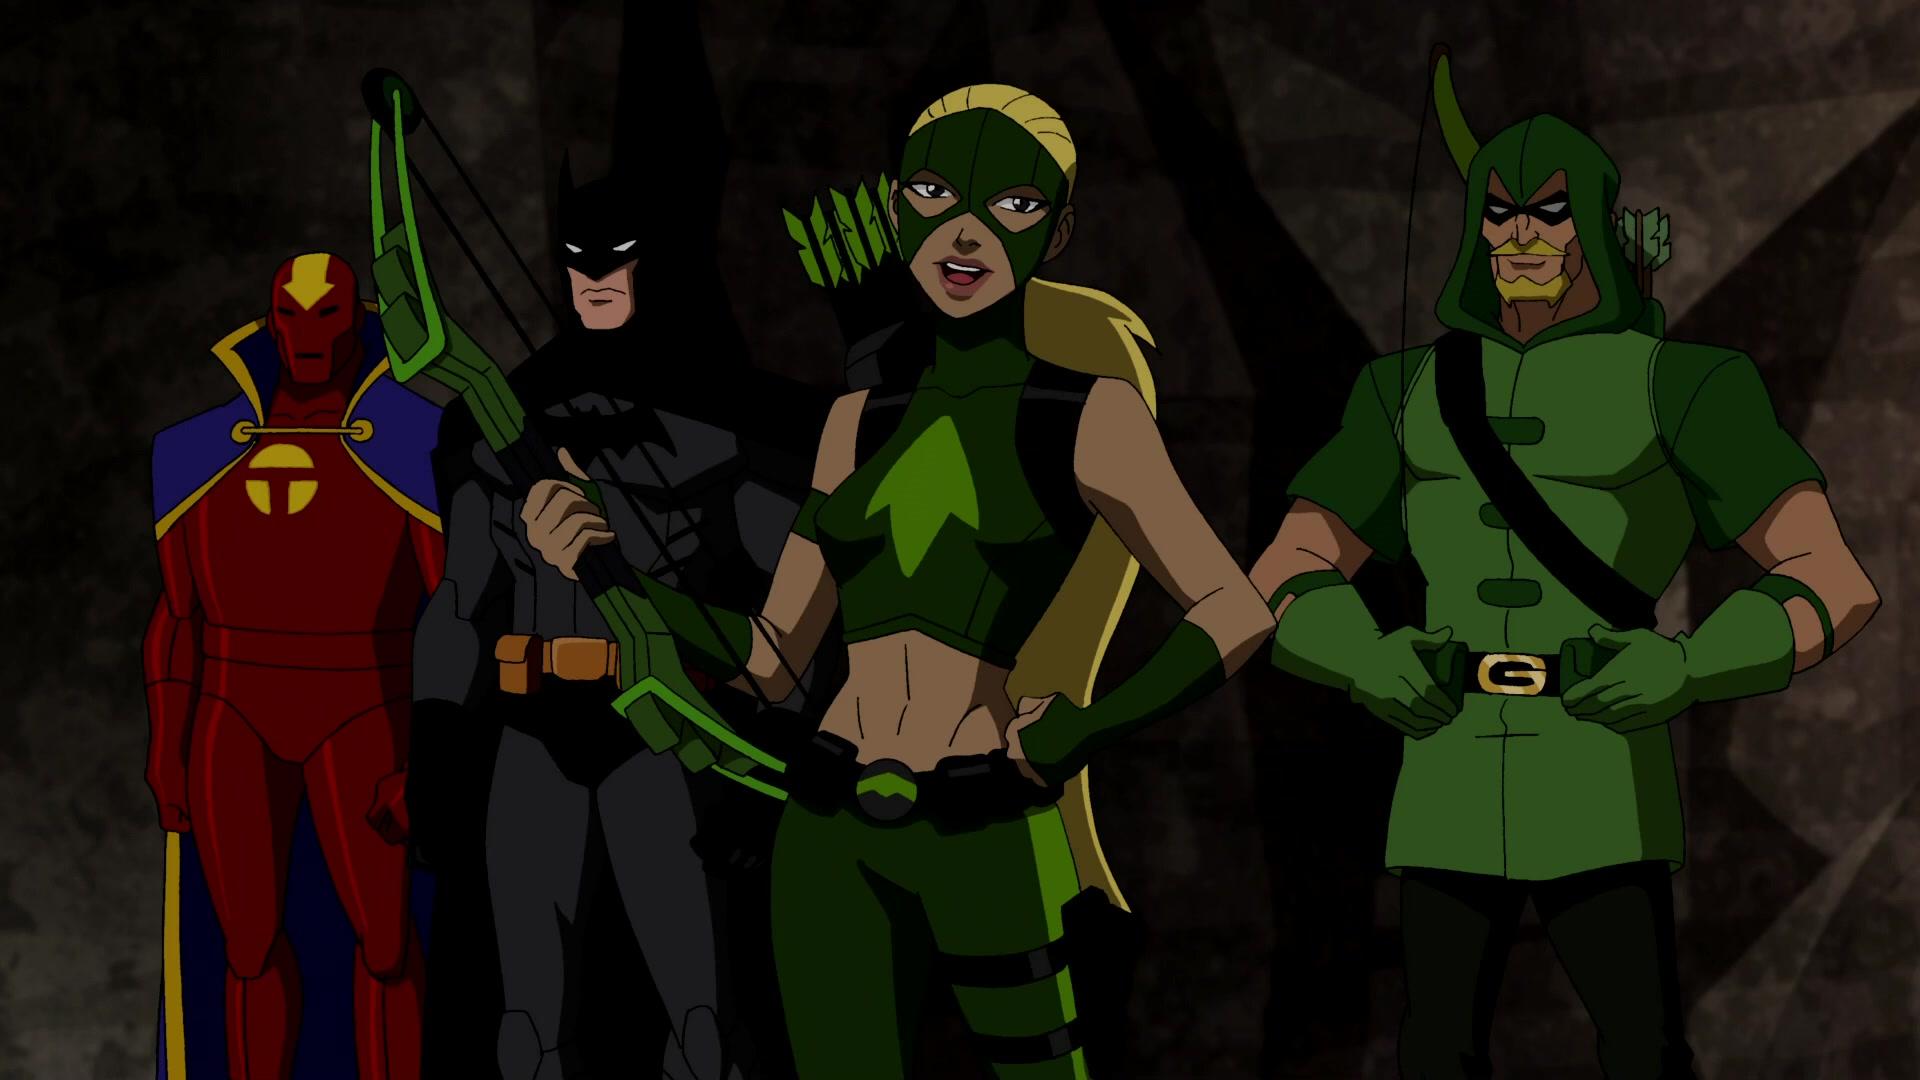 Artemis Crock Batman Green Arrow Oliver Queen Red Tornado Arrowette Dc Comics Man Young Justice Tv S 1920x1080